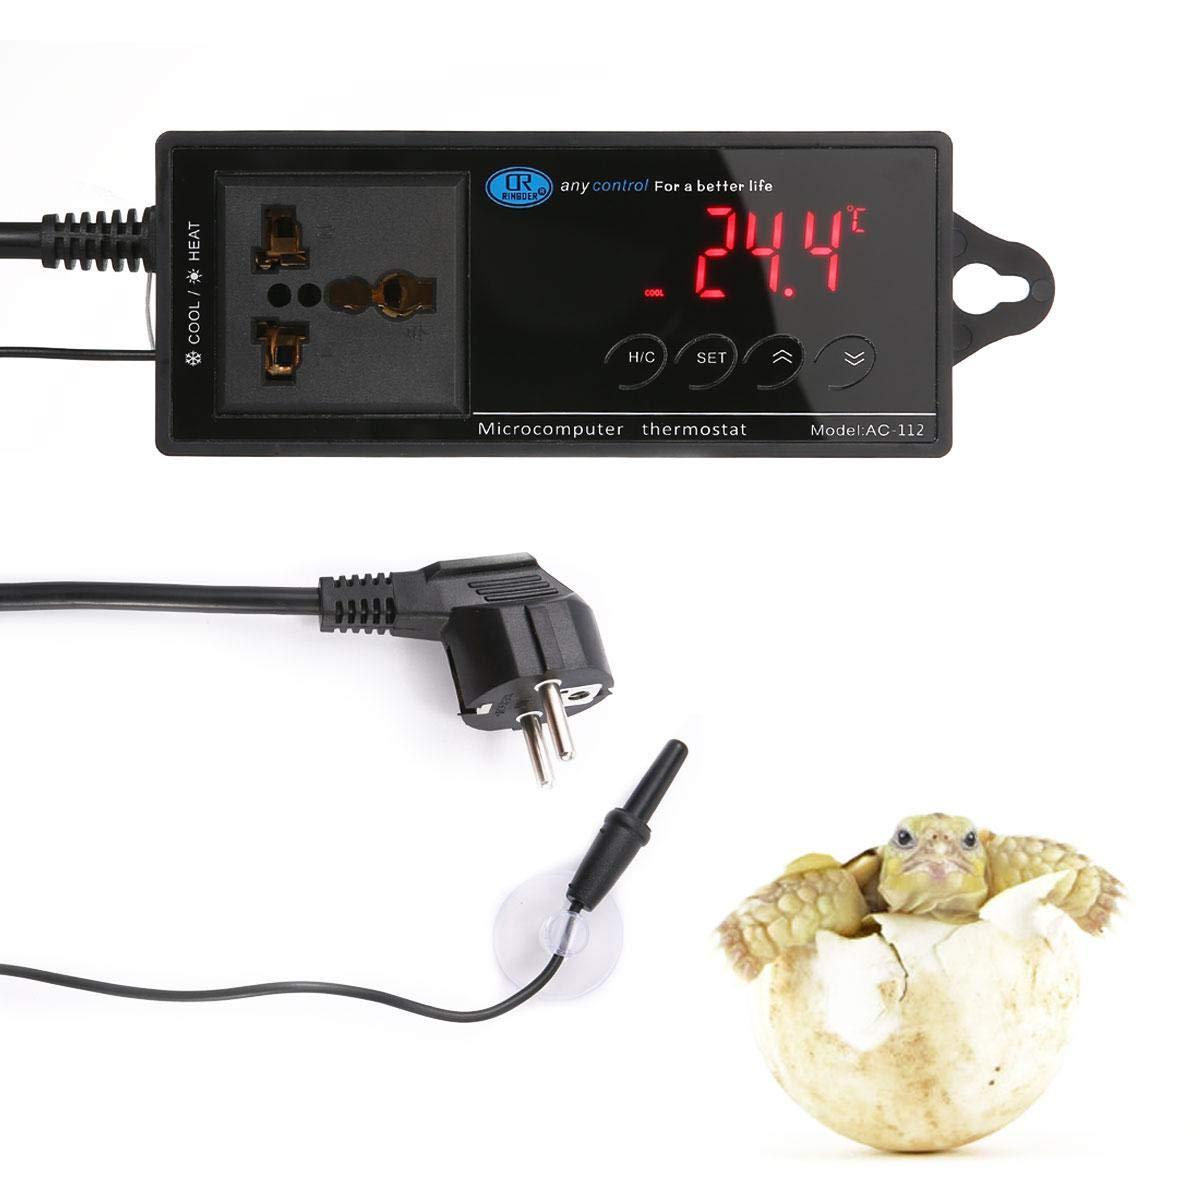 AUOKER Relés Control de Termostato Digital Electrónico Termostato Led Digital Monitor Cría Temperatura Controlador Par Termoeléctrico con Enchufe,-40~212 ...